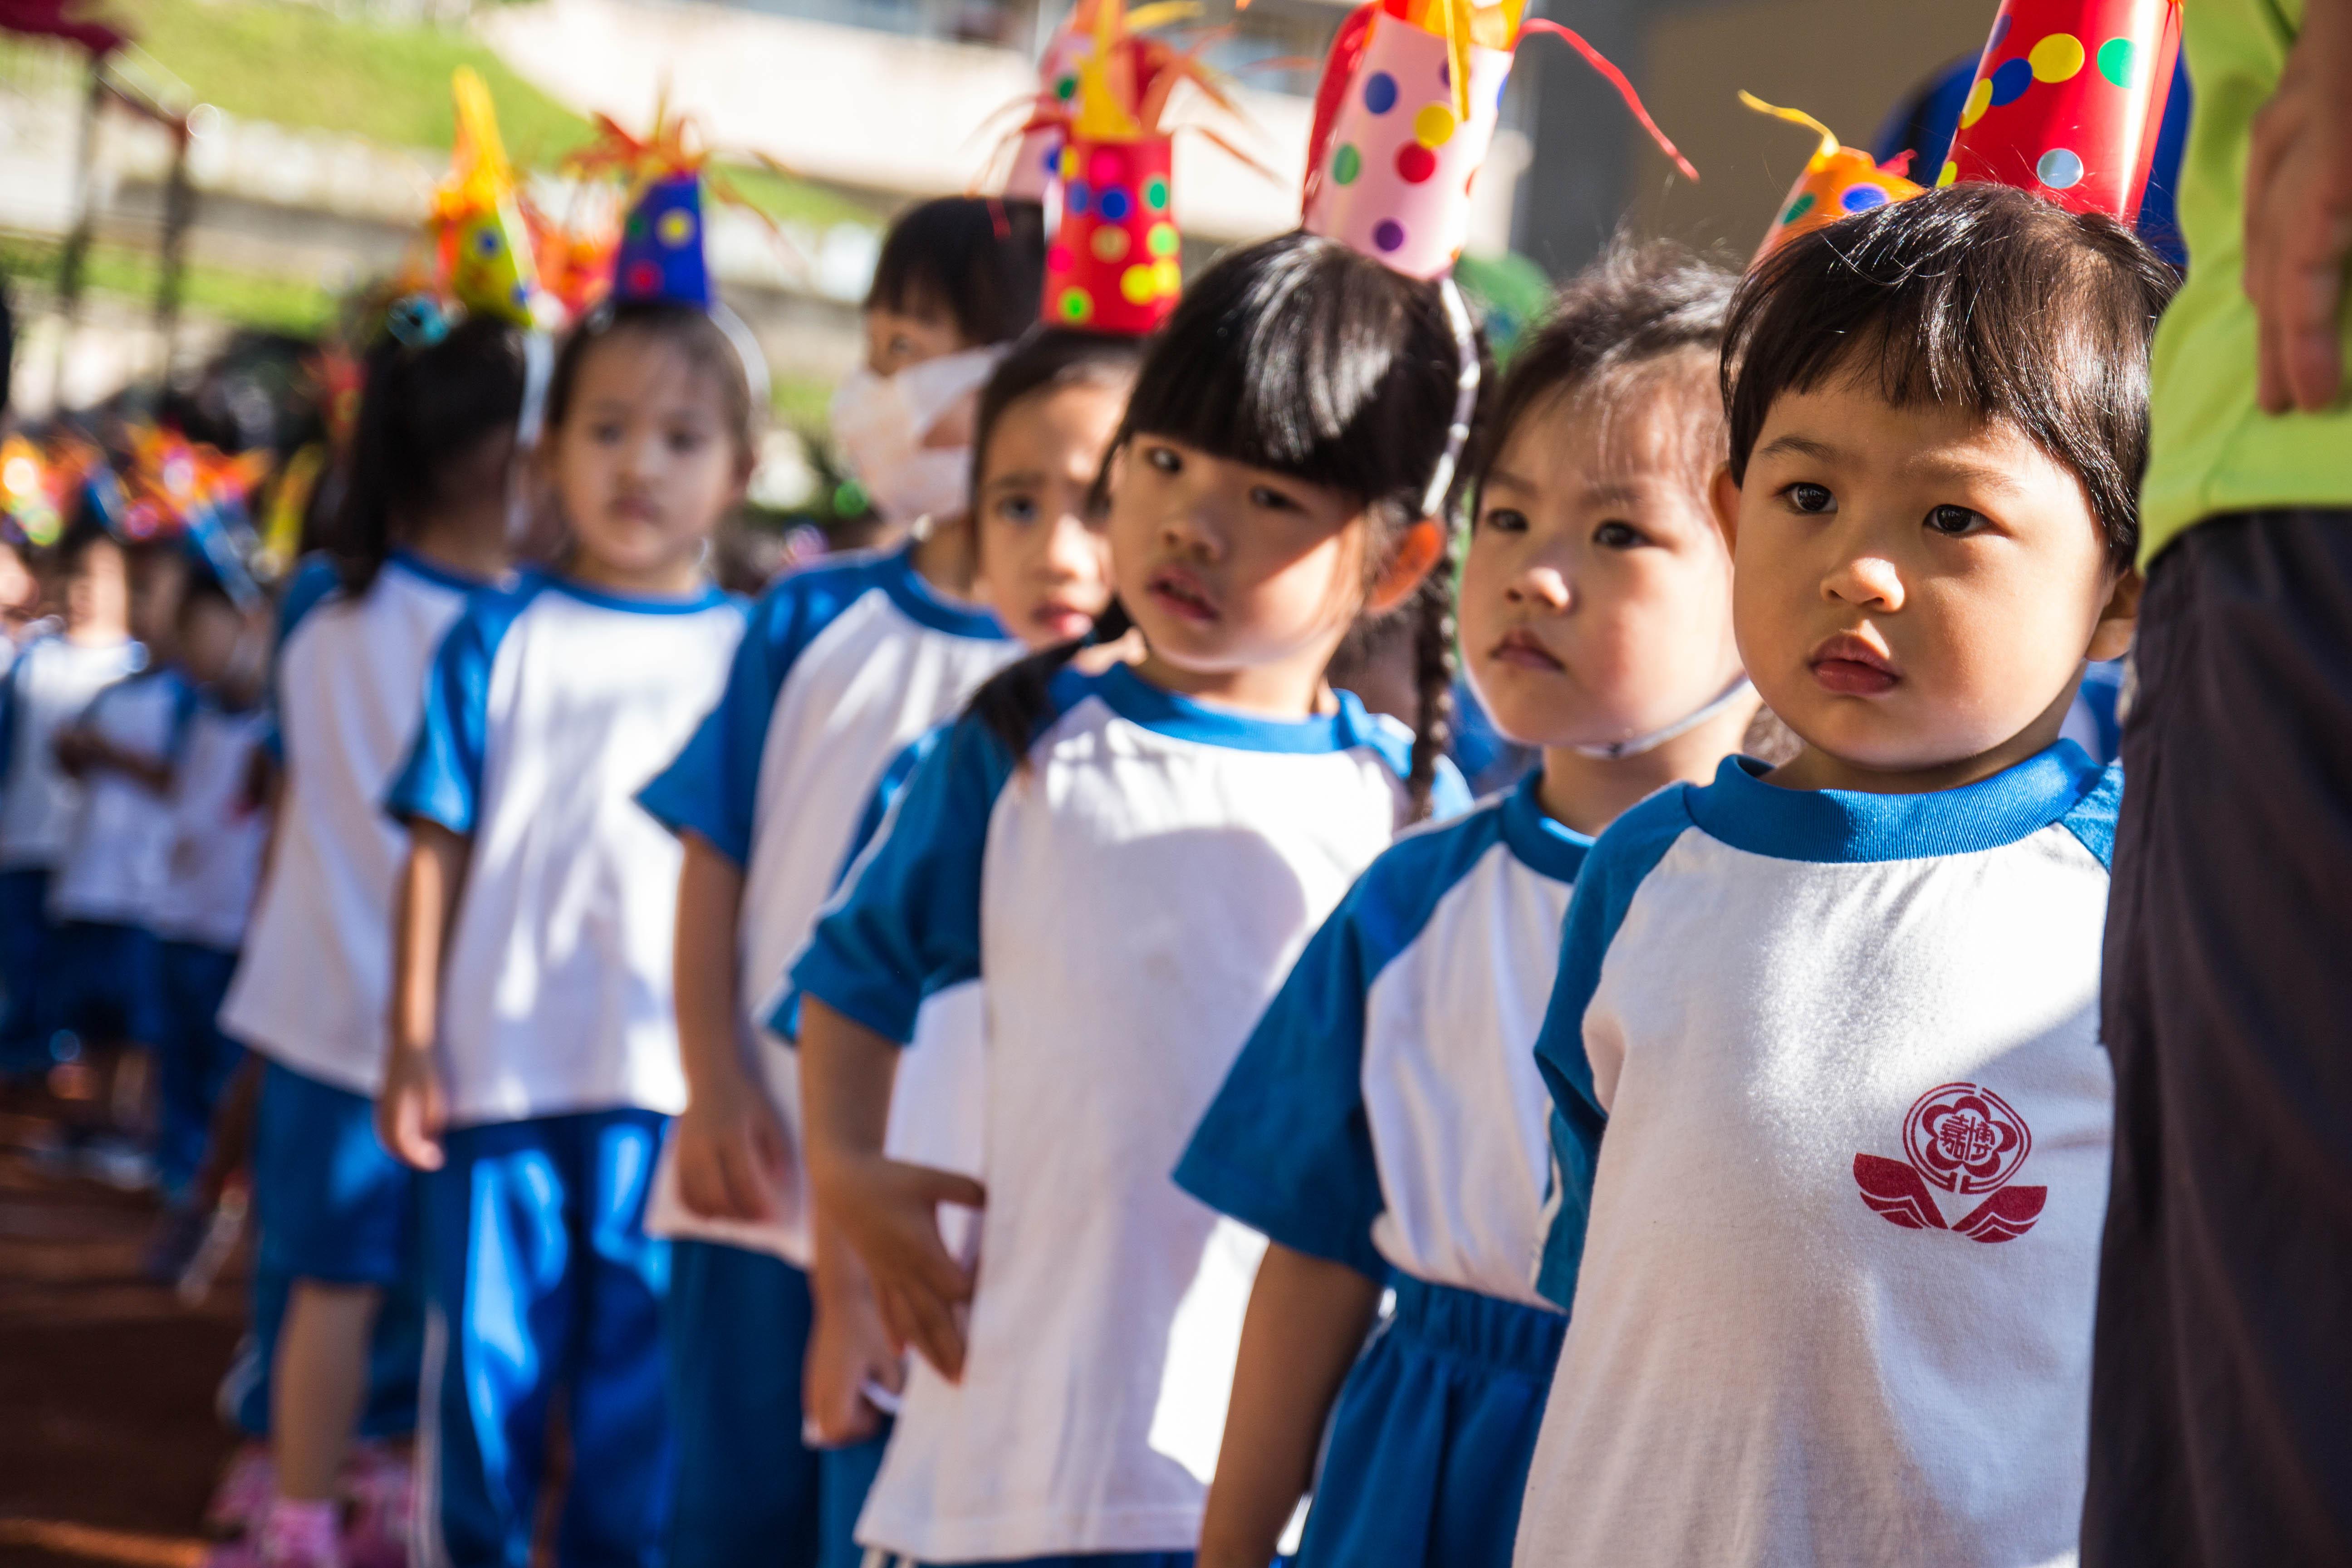 改良傳統教育模式,提倡適性發展,展現學生多元特色。攝影/高子涵